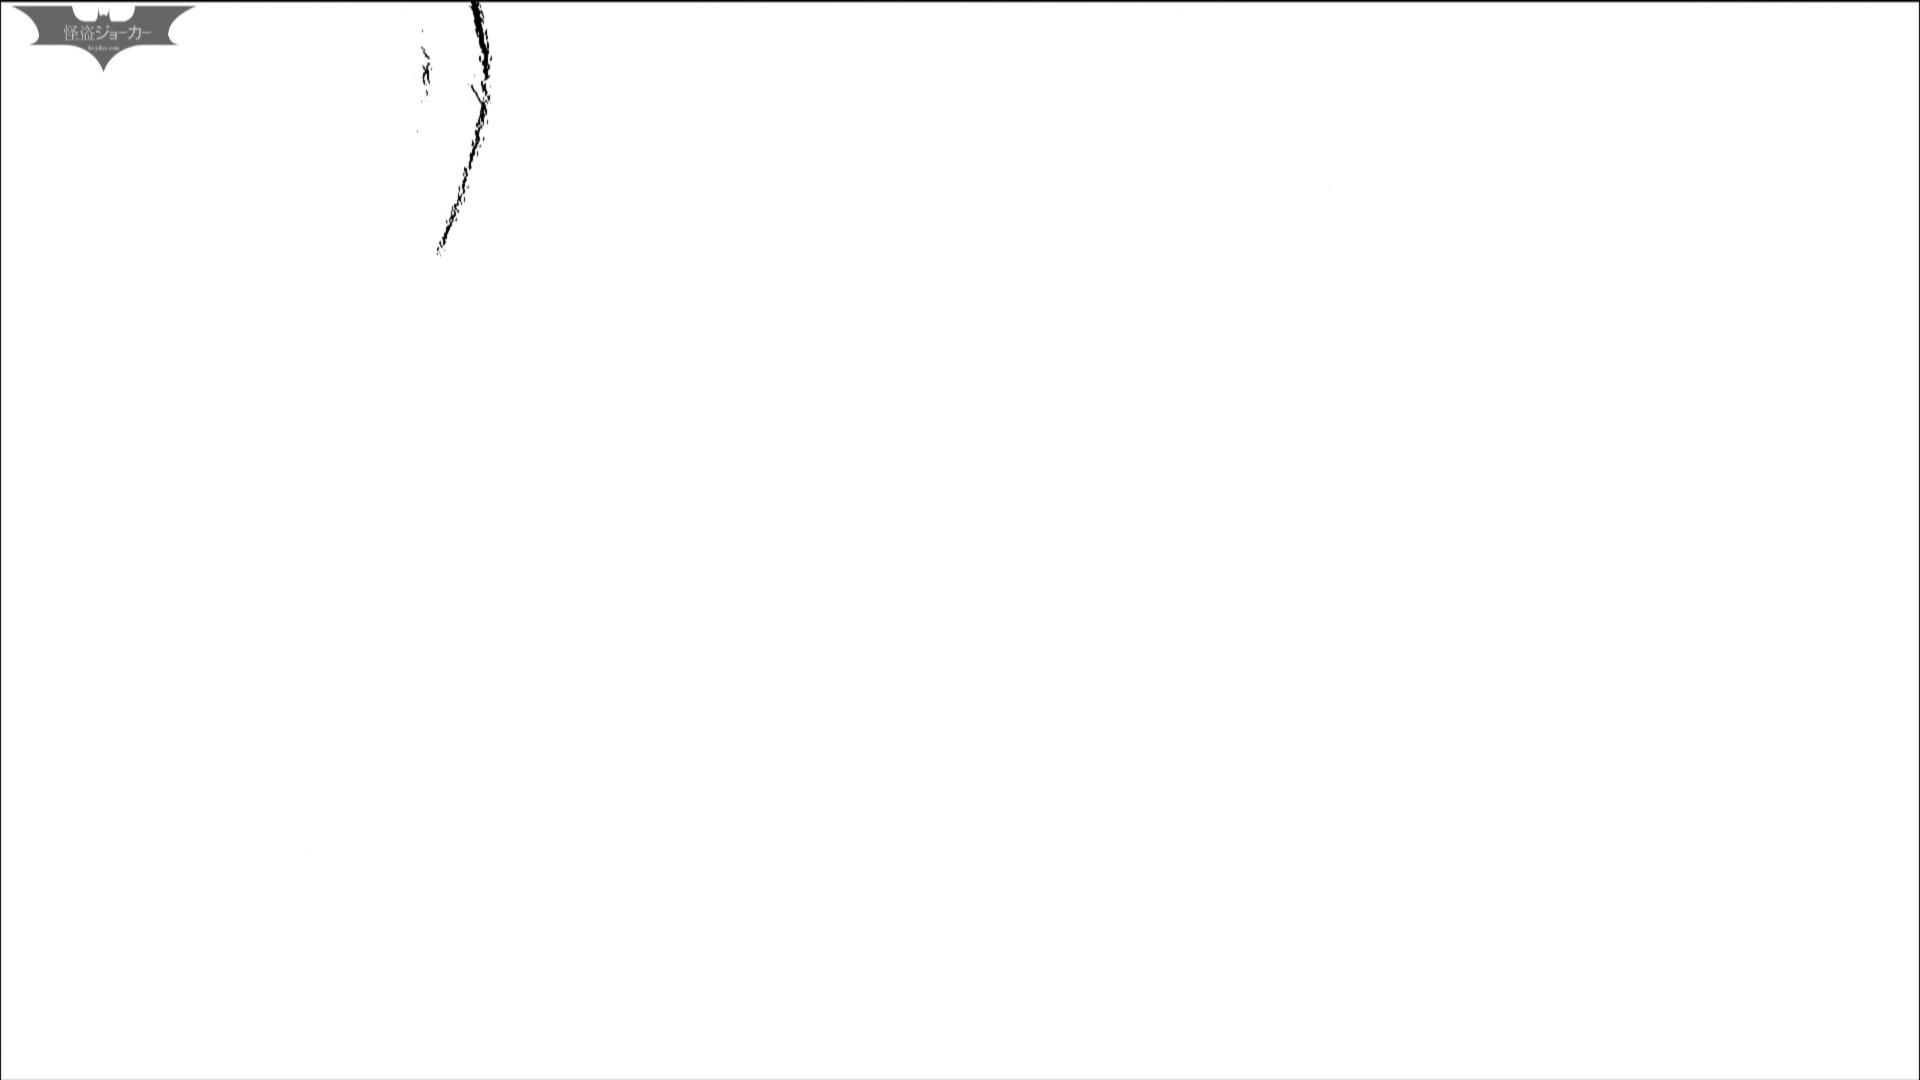 洗面所特攻隊 vol.71「vol.66 最後の女性」が【2015・27位】 ギャル攻め オマンコ無修正動画無料 113画像 80